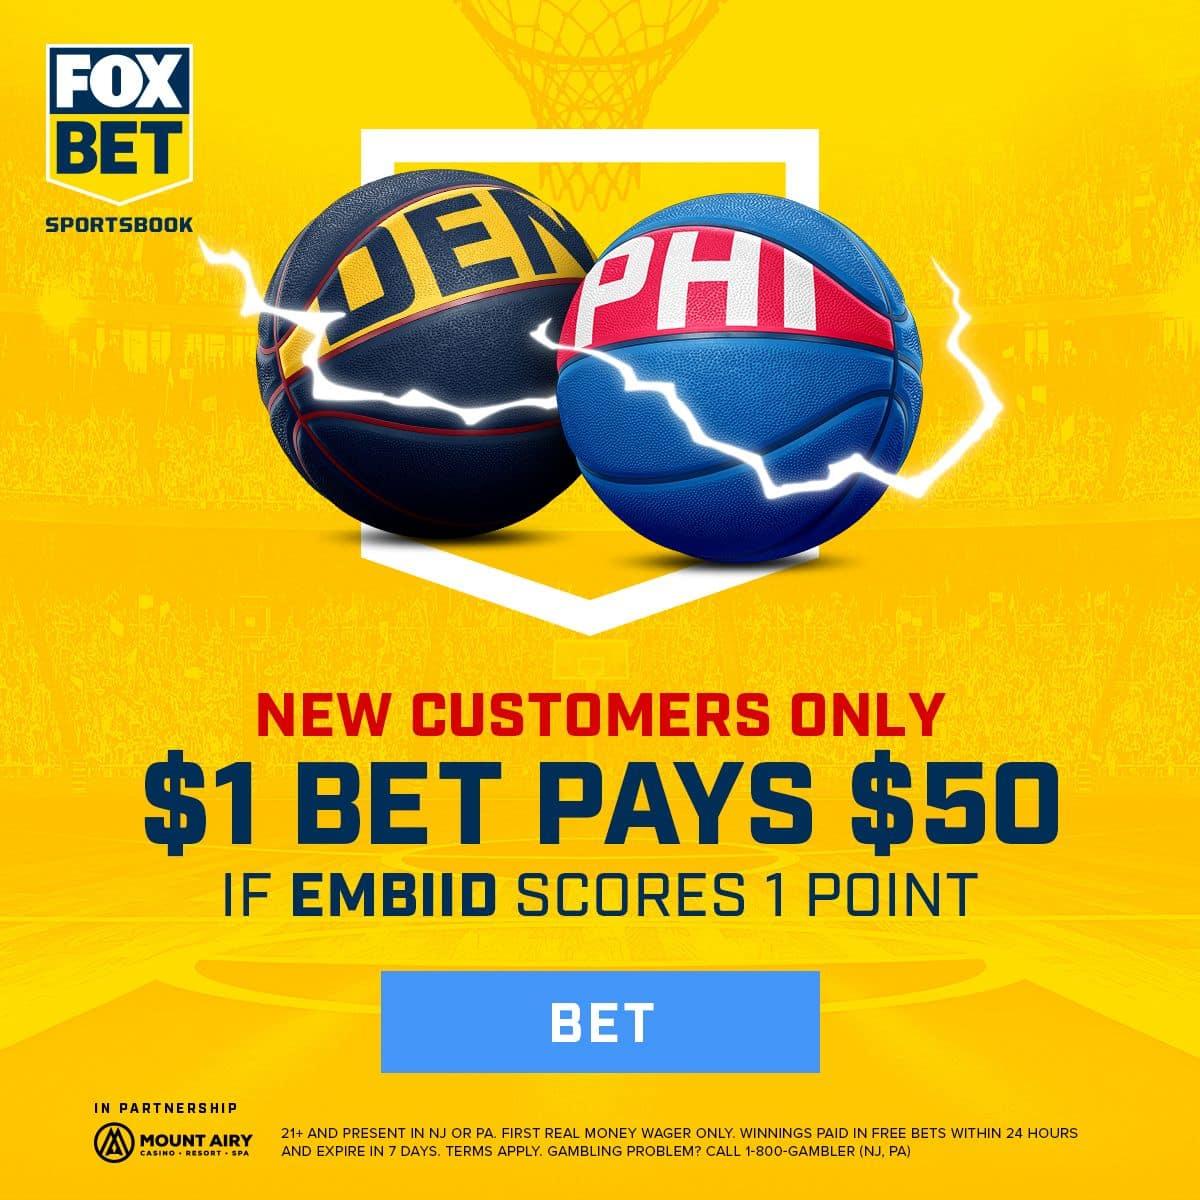 fox bet promo 50-1 odds joel embiid score 1 point